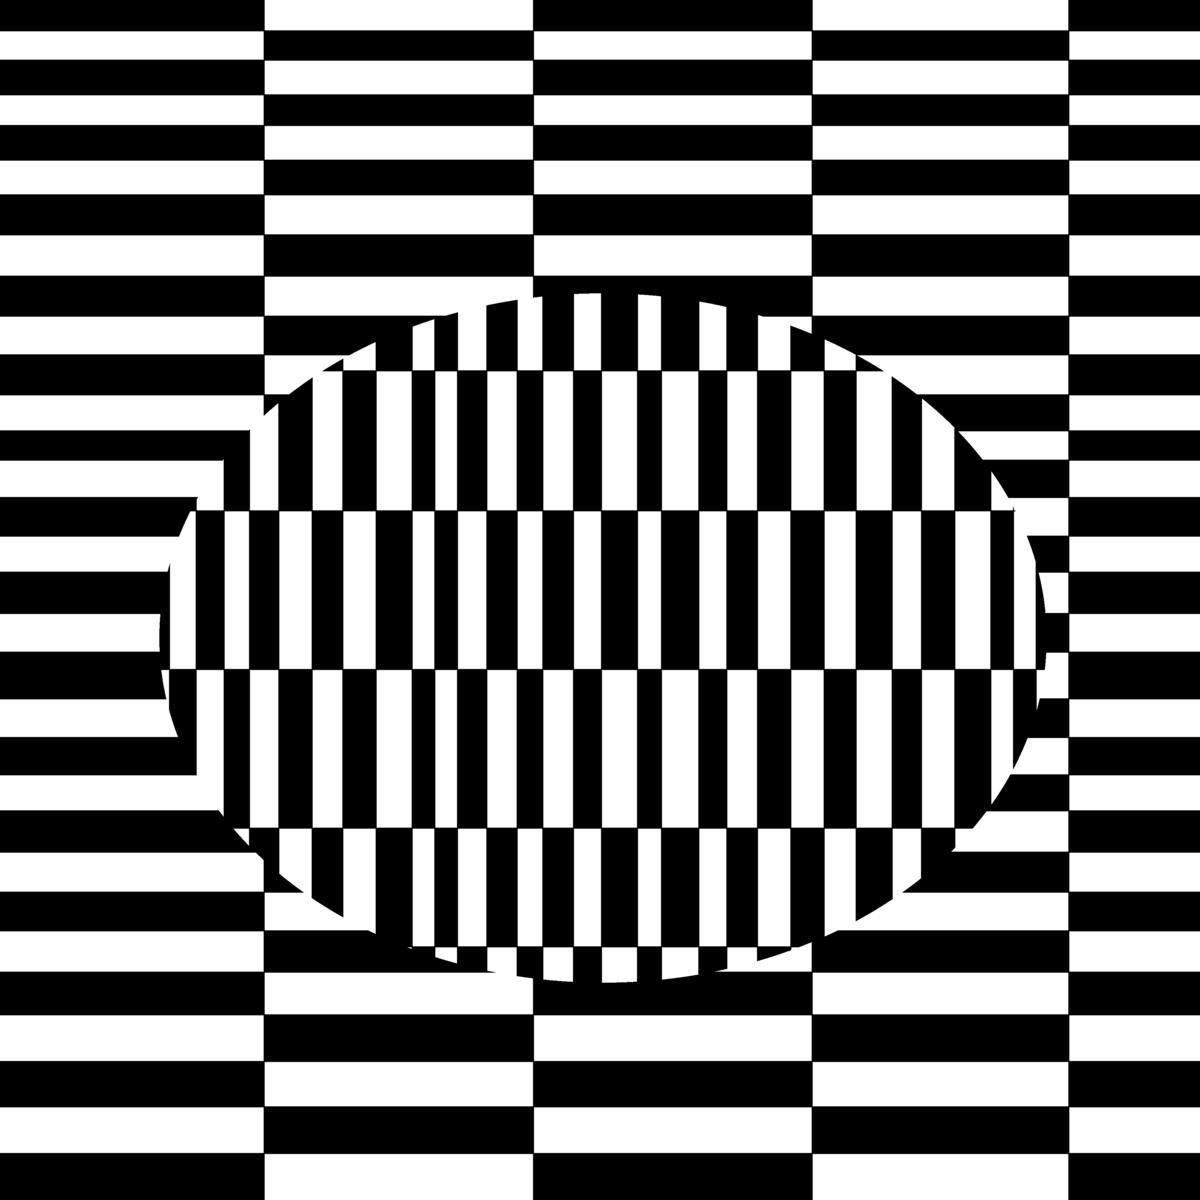 Столики фото черно белые картинки иллюзия